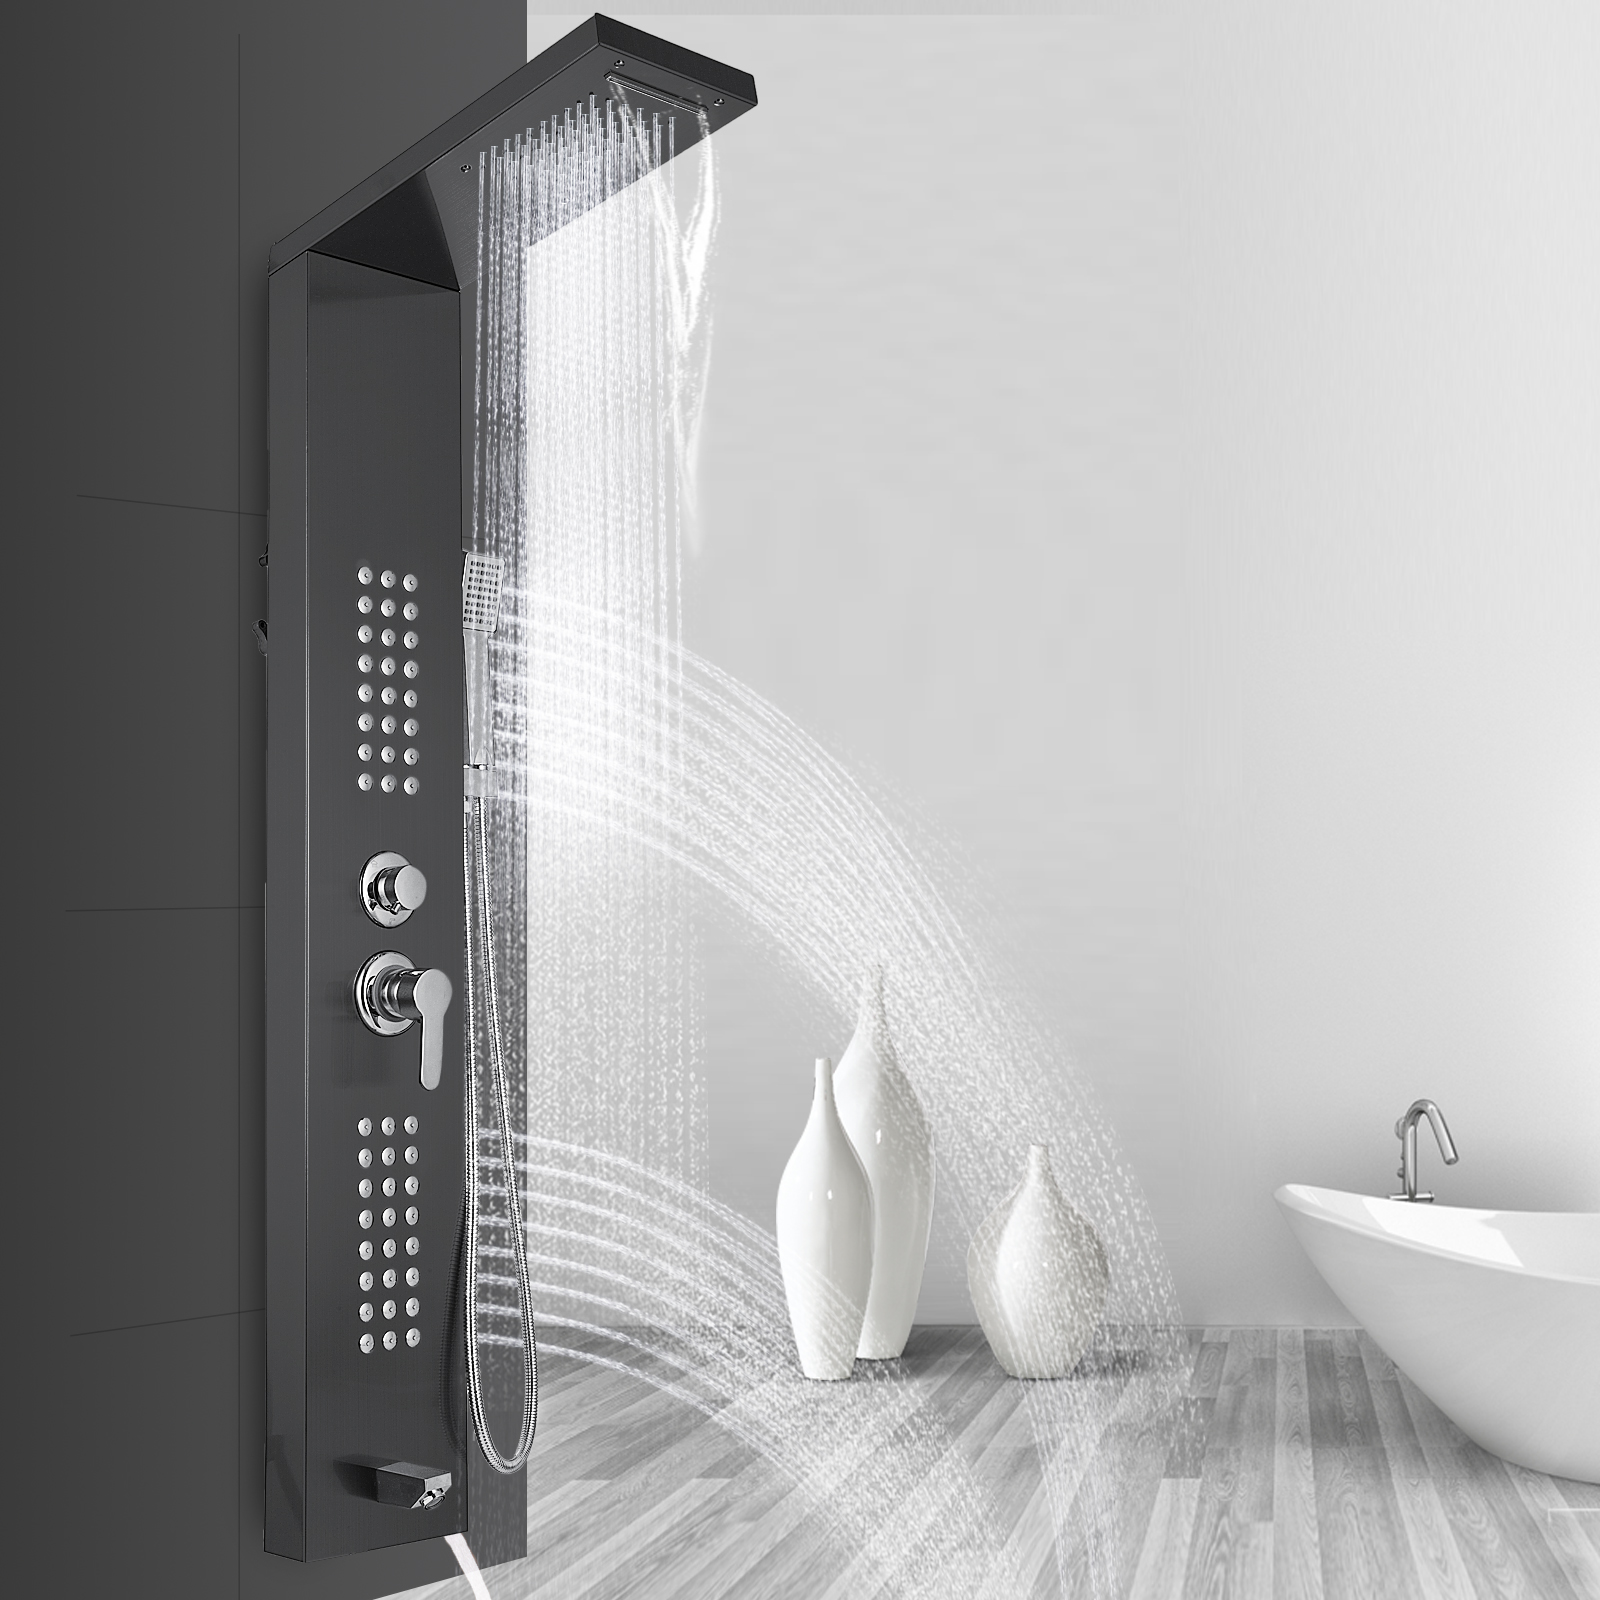 Pannello-doccia-idromassaggio-colonna-in-acciaio-inossidabile-con-miscelatore miniatura 102